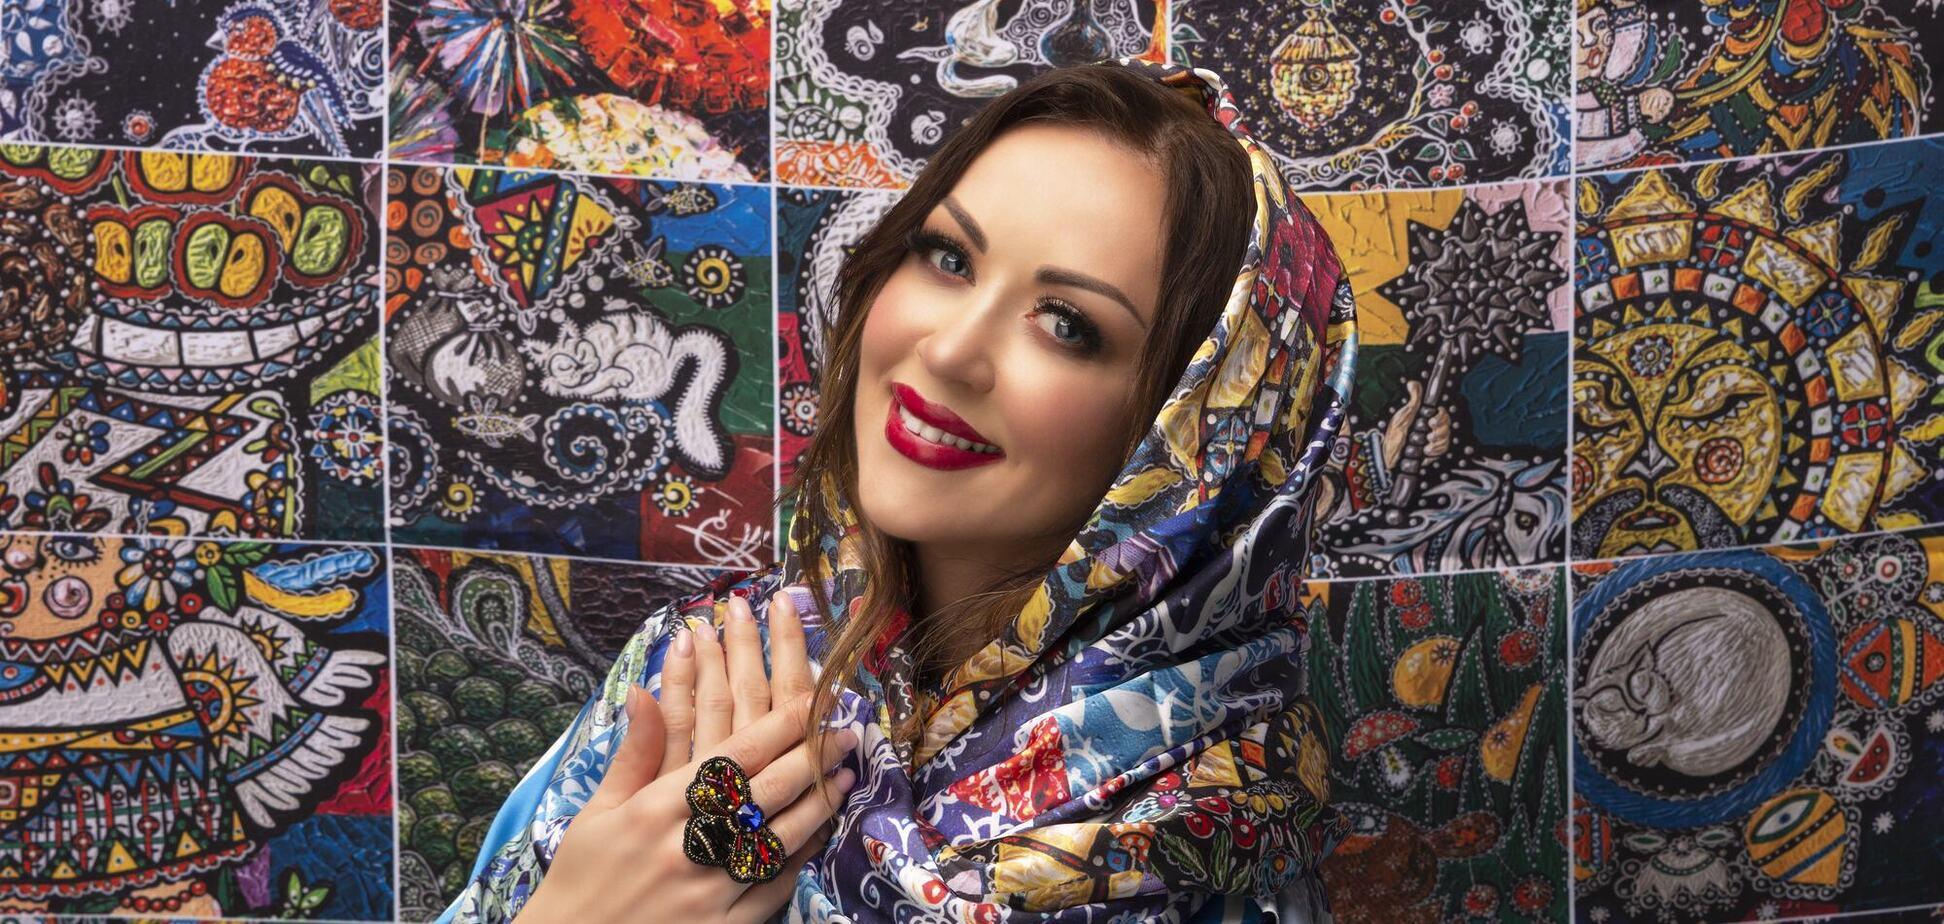 Певица Валевская презентовала новую песню об Украине